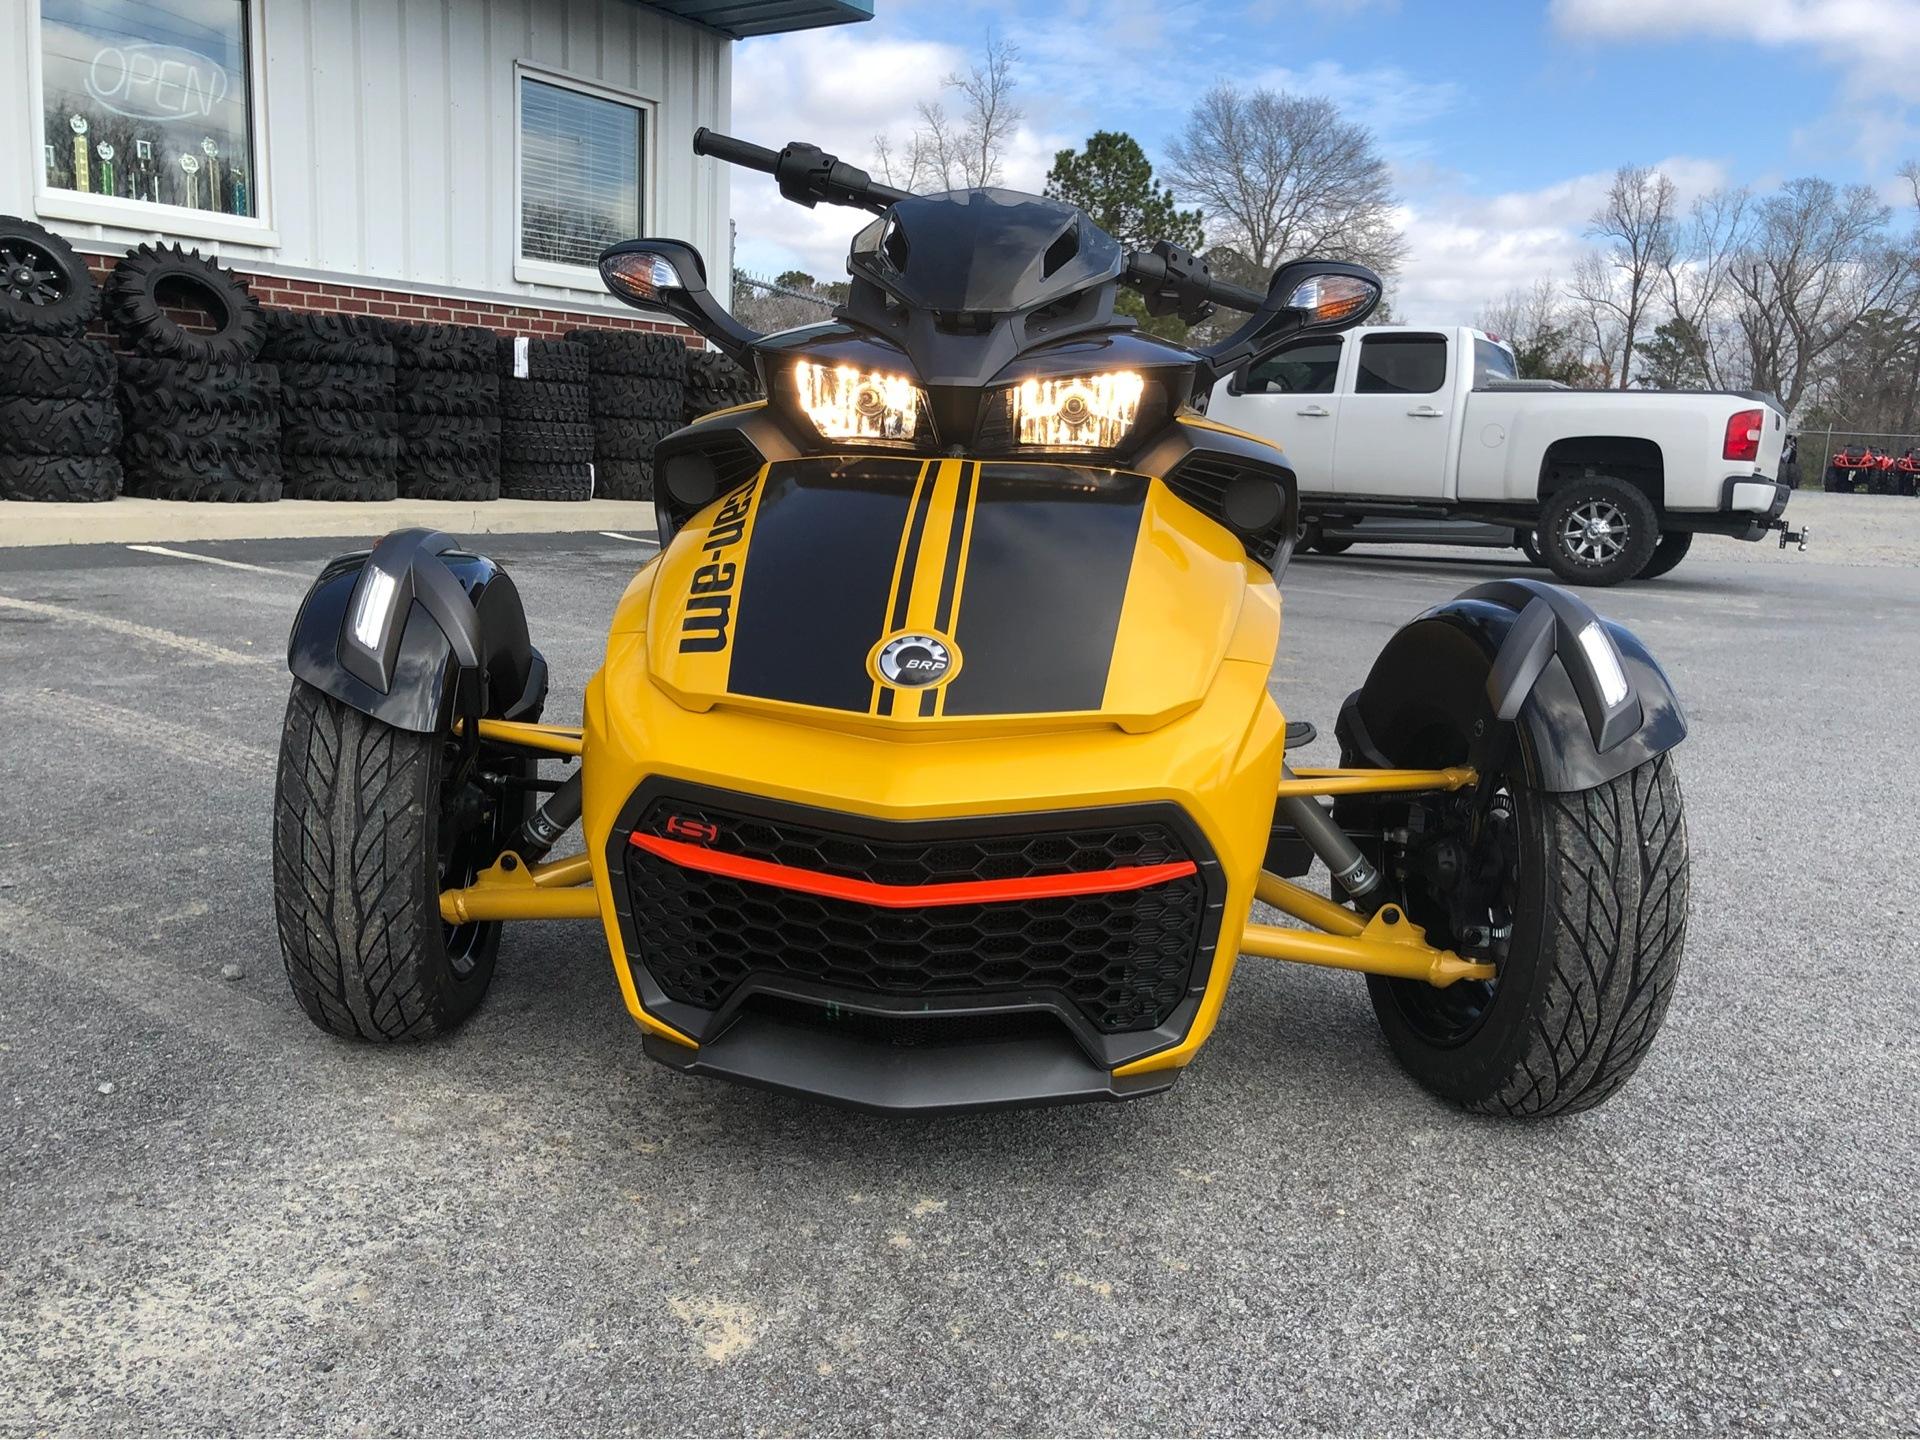 2017 Can-Am™ Spyder F3-S Daytona 500 SE6 2